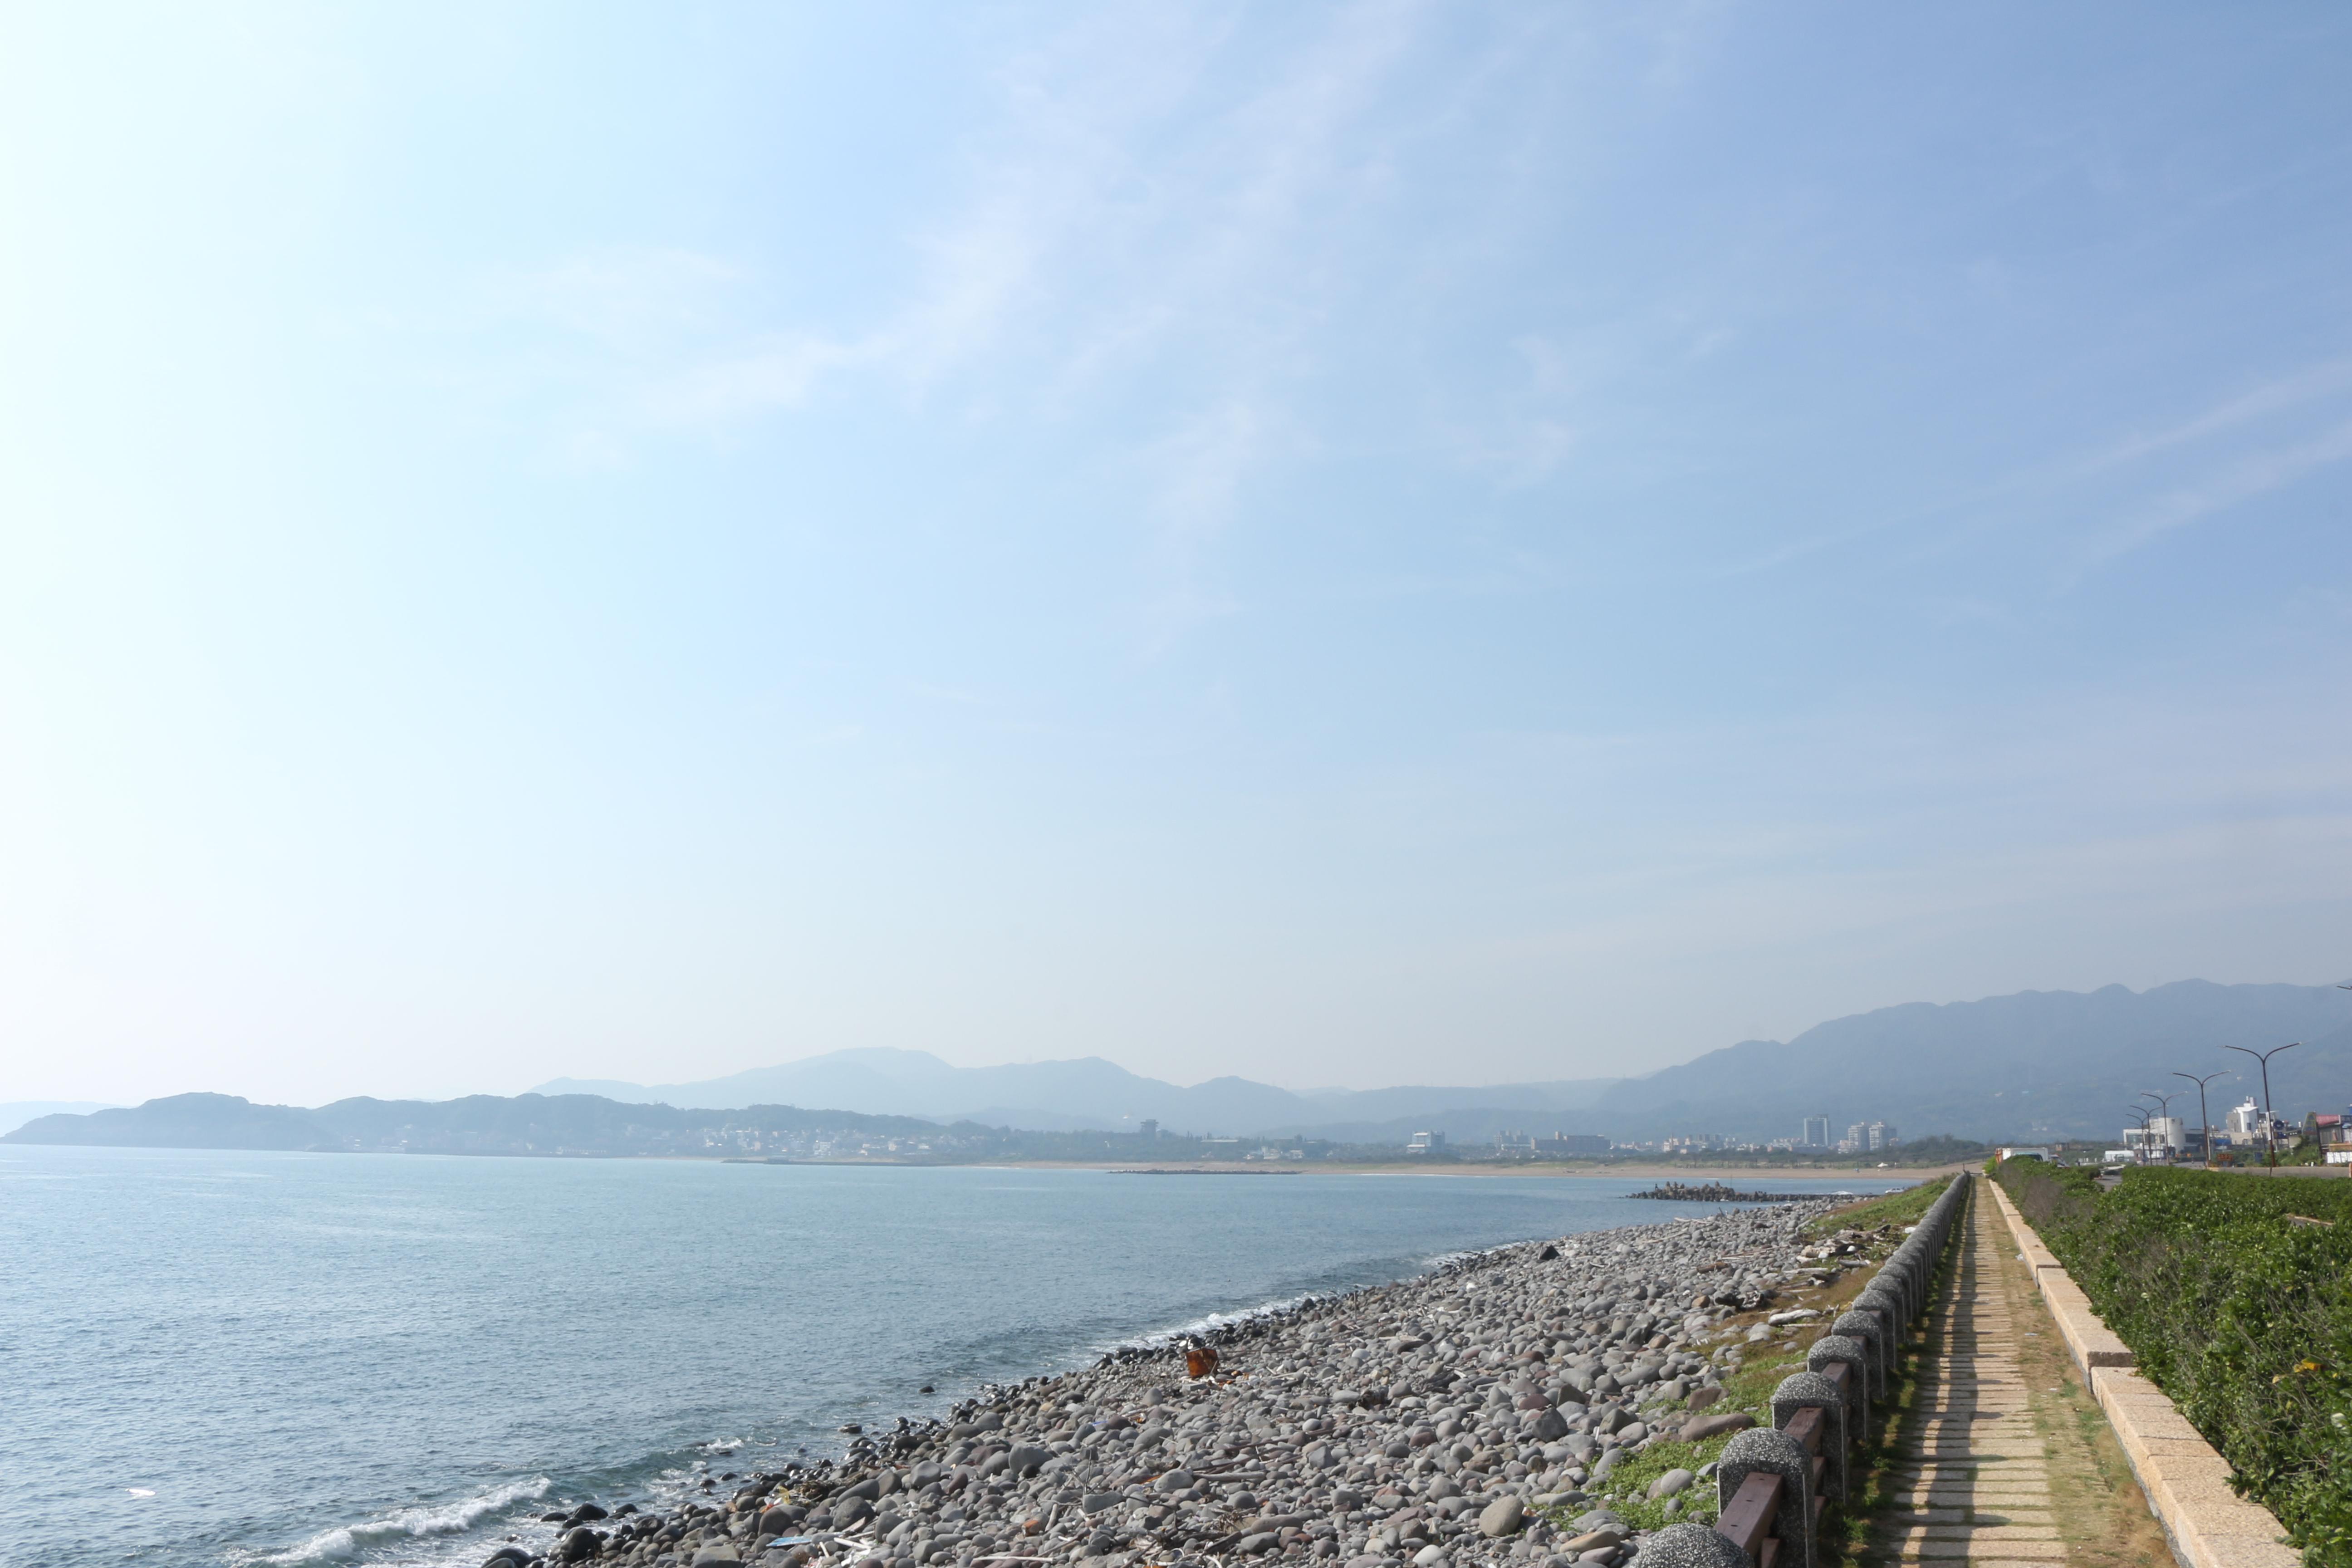 James Walker《 徒步環島日記 》關於環島你所不知的艱苦、歡笑與收穫 – Day4